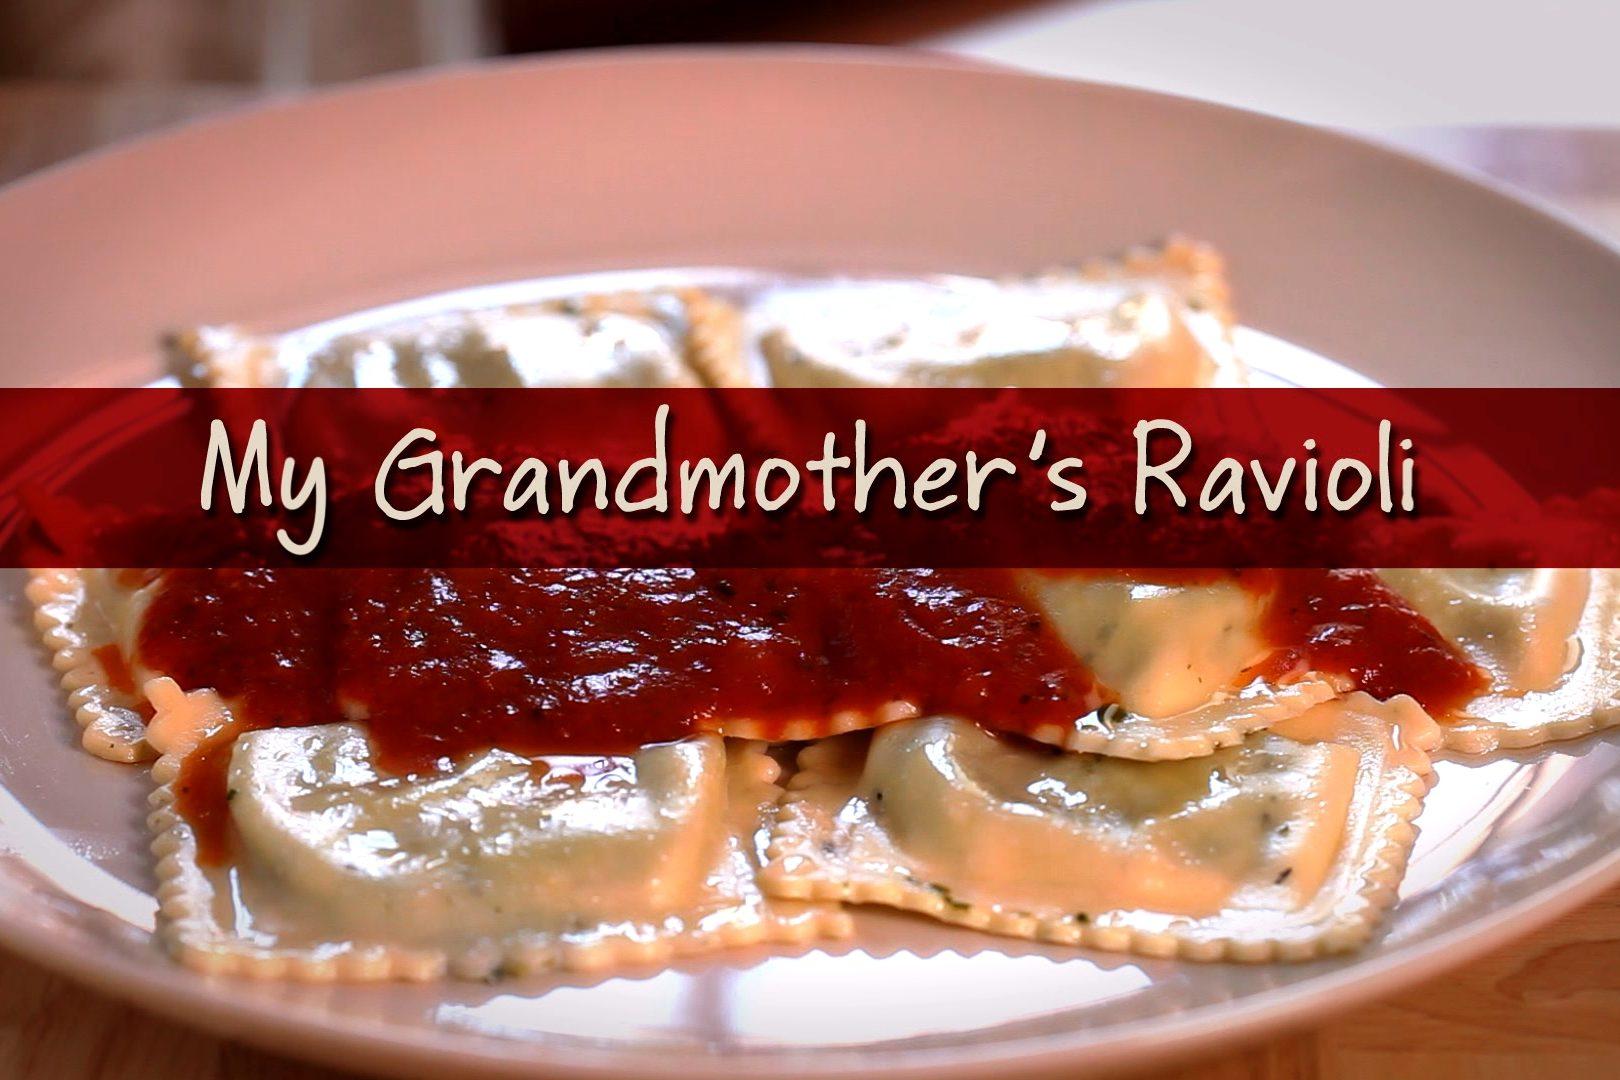 My Grandmother's Ravioli